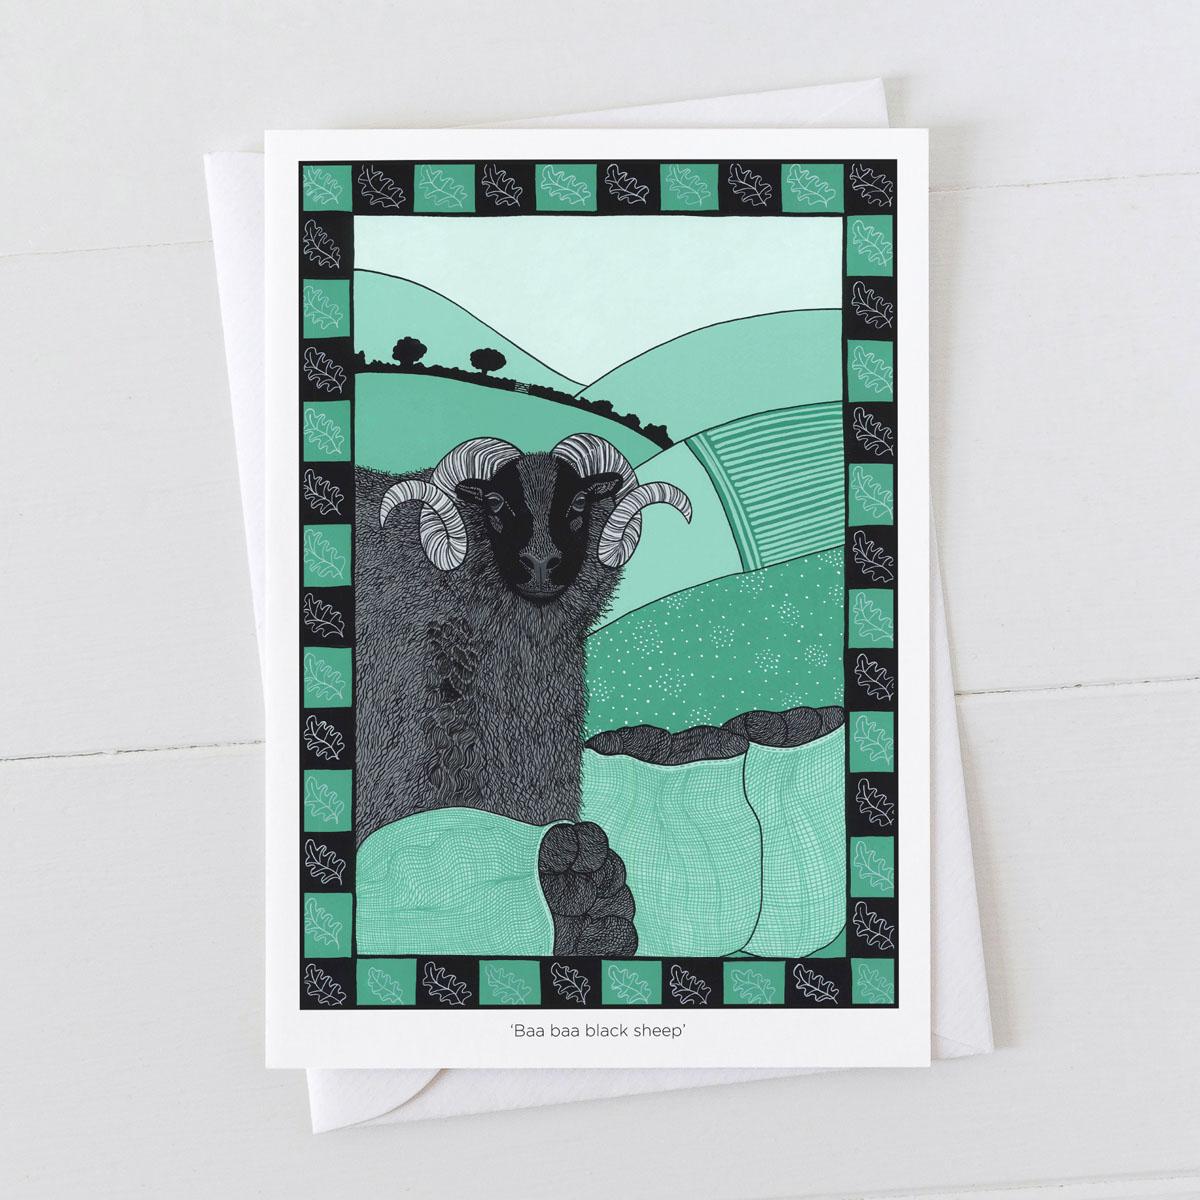 Baa Baa Black Sheep Nursery Rhyme Greeting Card